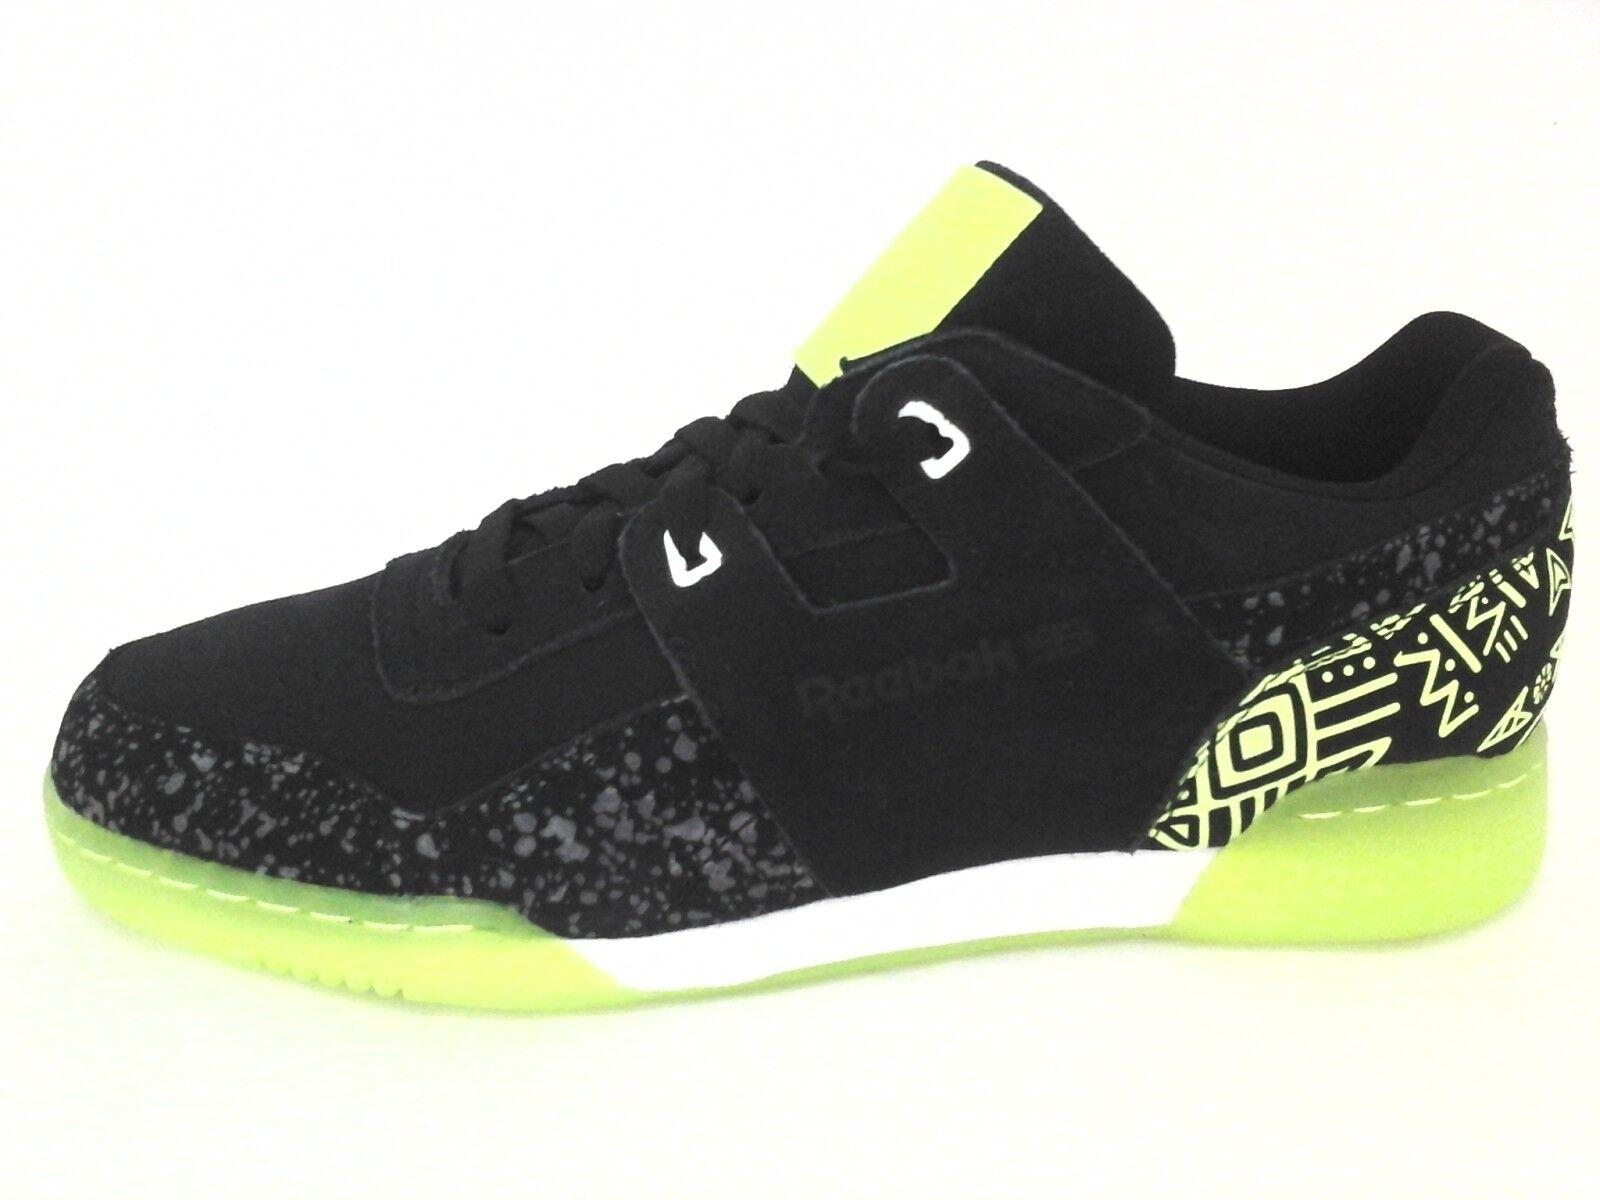 Reebok Workout Plus NC Zapatos Zapatillas De Impresión Negro Neon W Para Hombre US 10.5 Nuevo